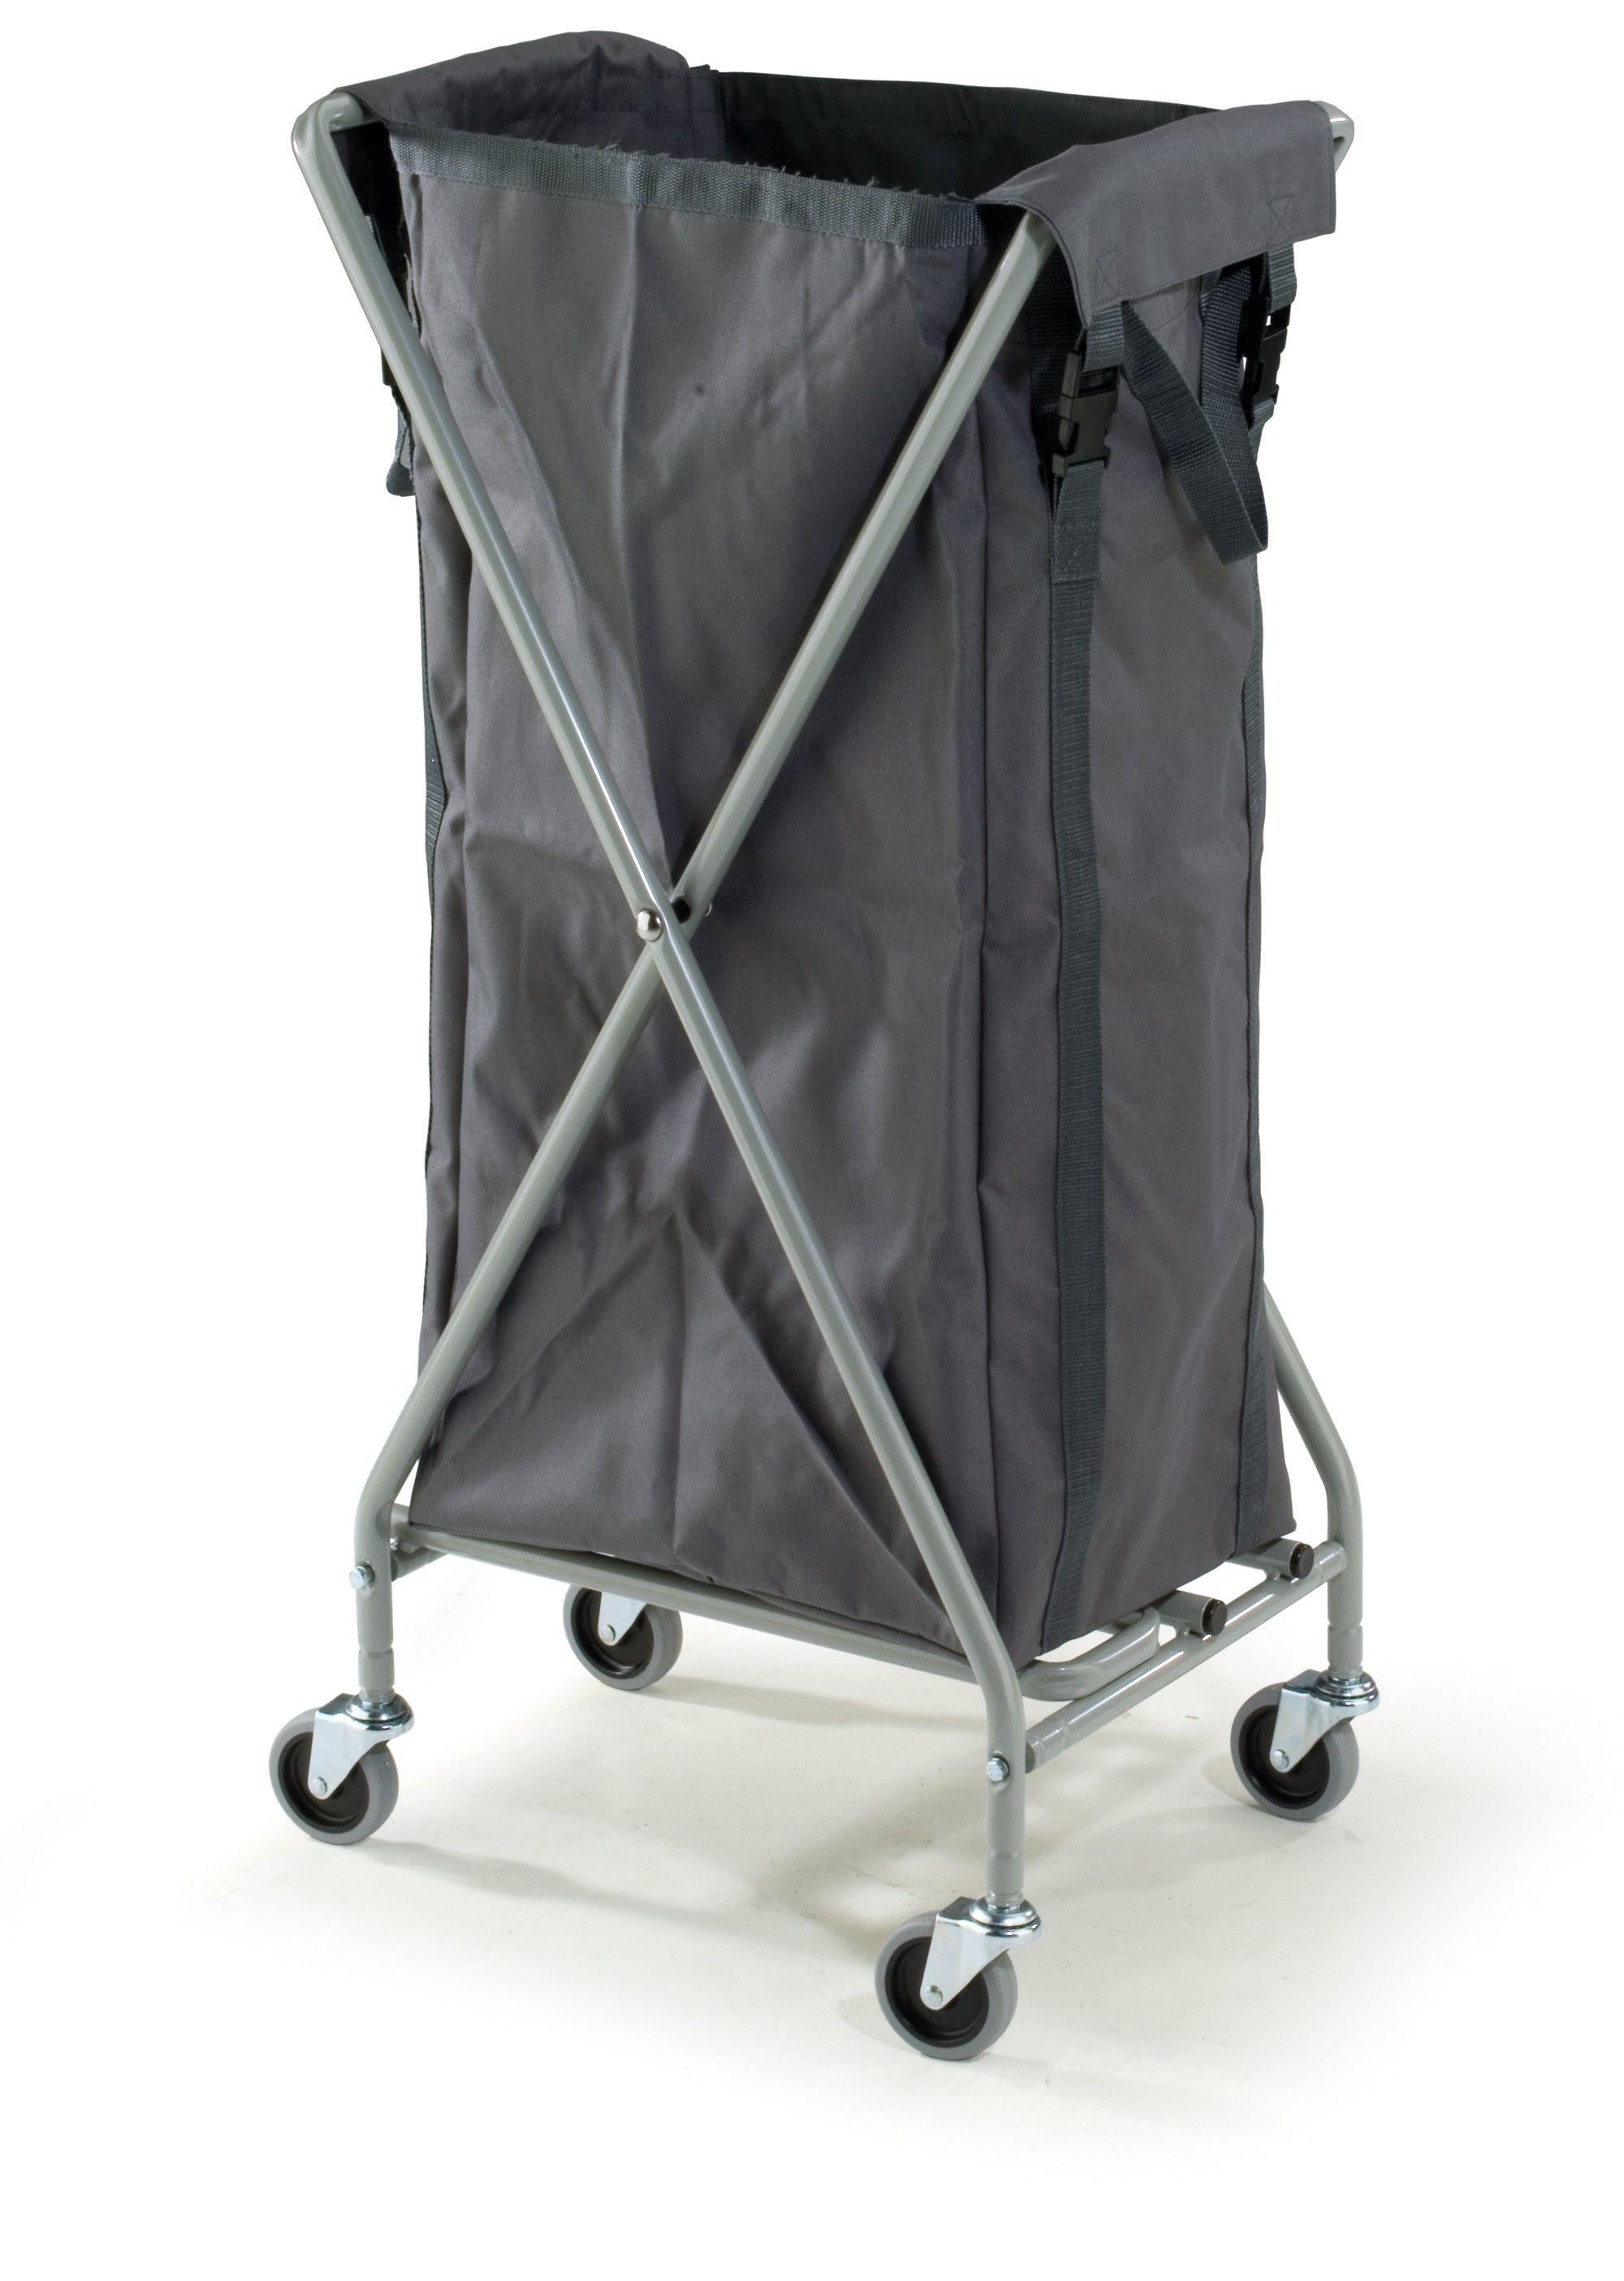 Wasverzamelwagen NX1001 grijs